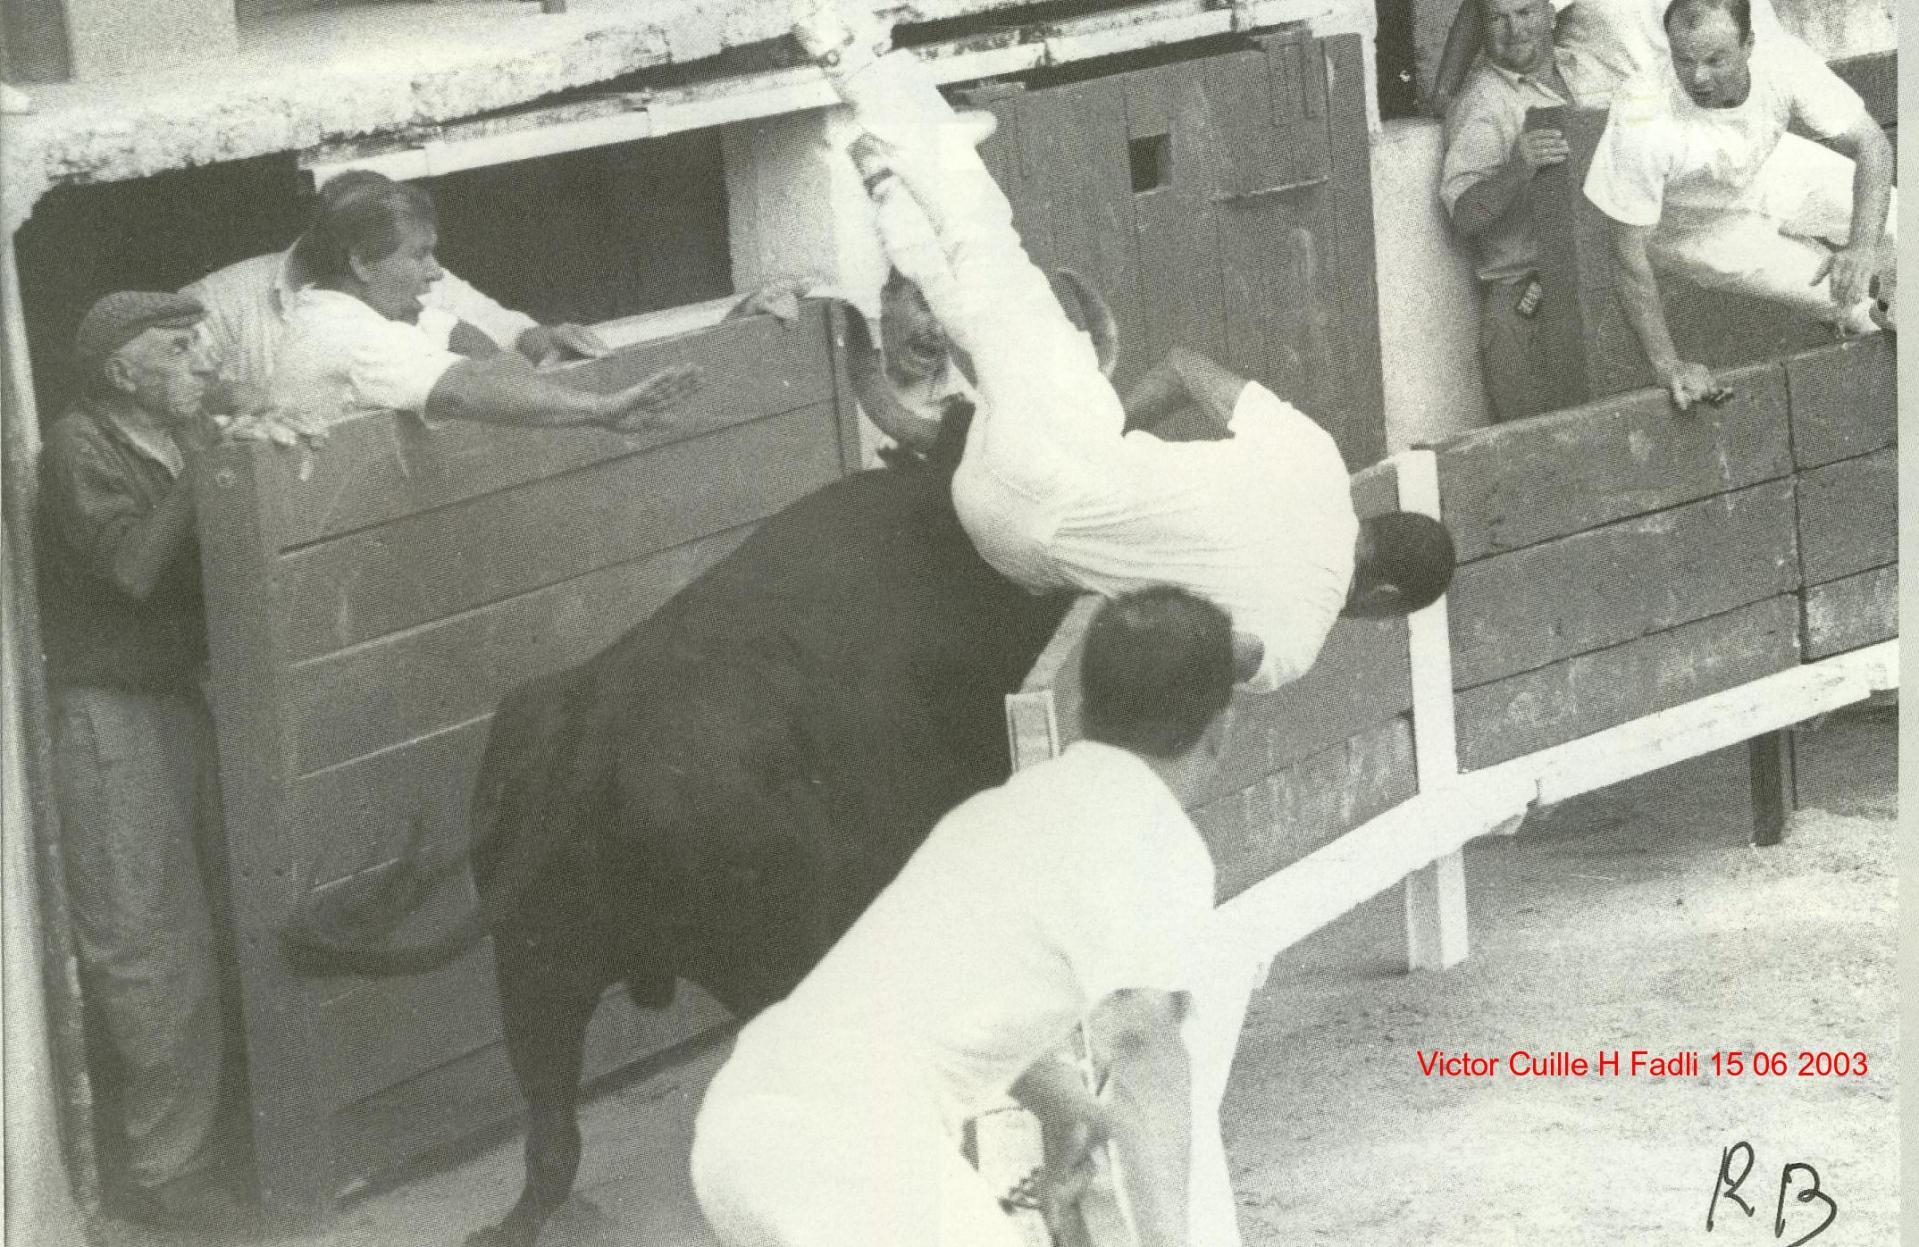 Victor cuille h fadli 15 06 2003